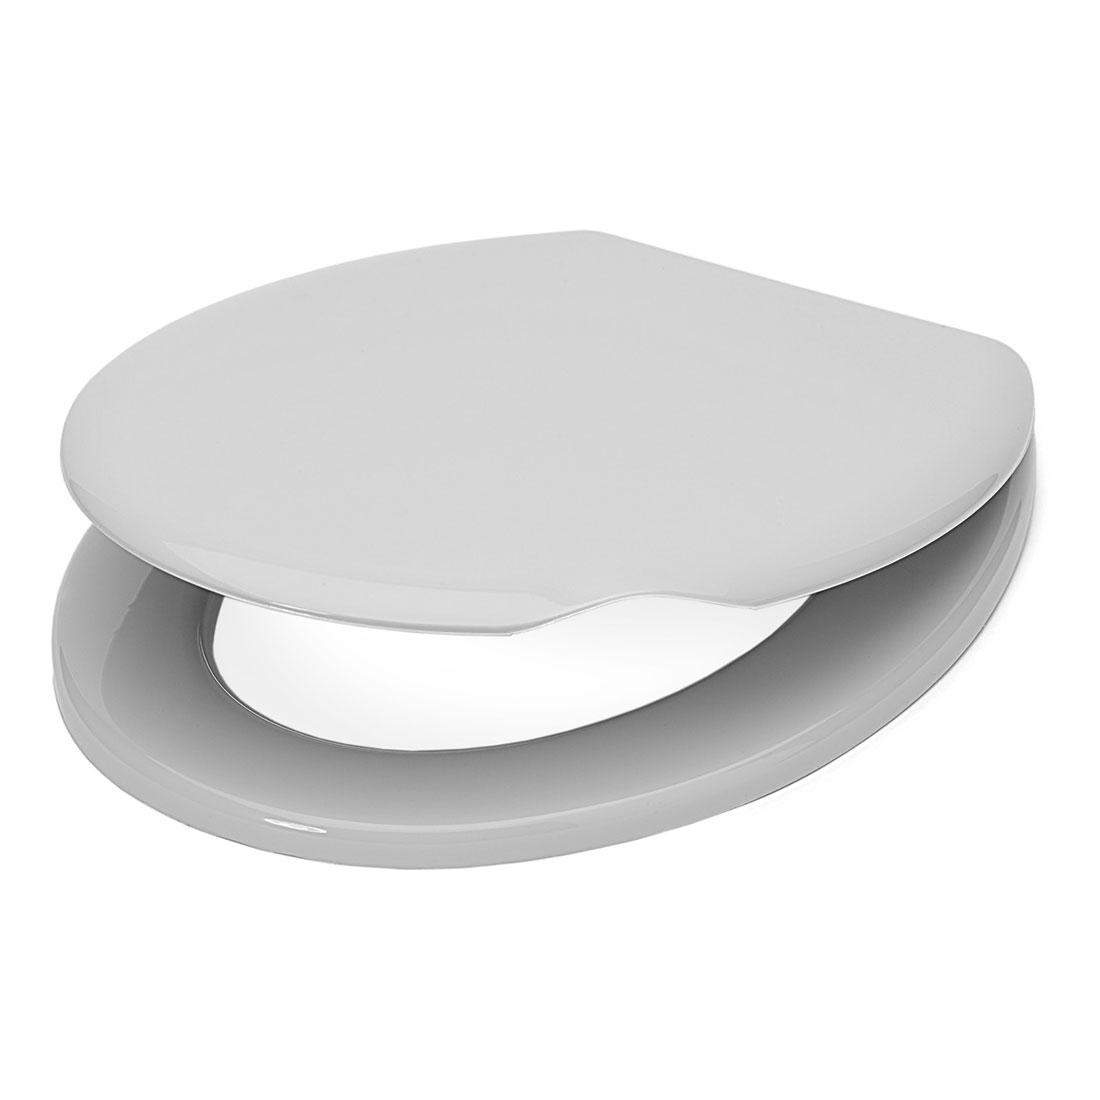 WC-Sitz, Kunststoff   weiß    Maße (H x B x T): 40 x 385 x 460 mm